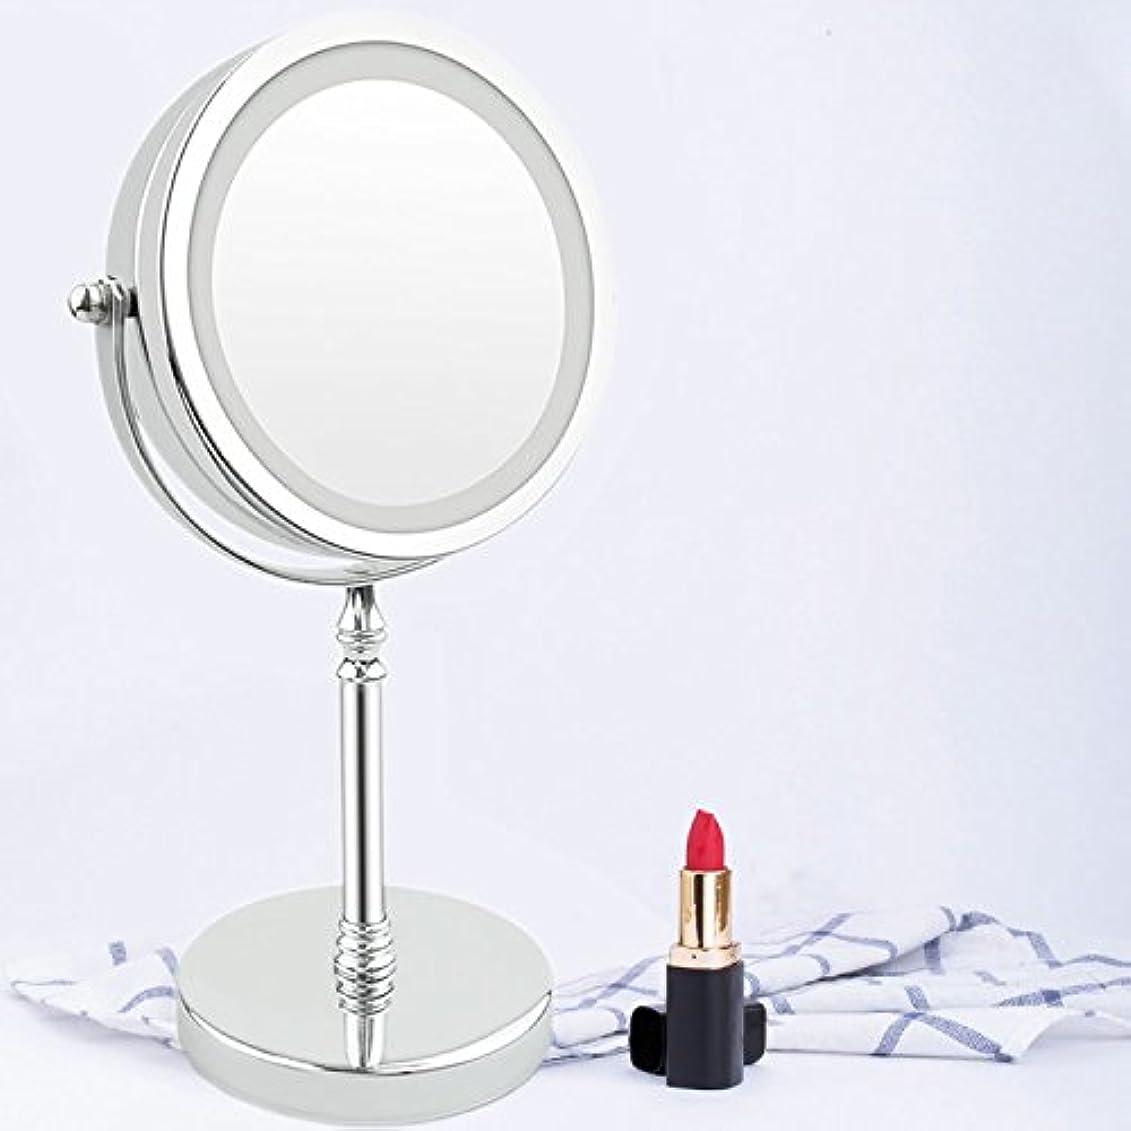 インド十分です罪悪感LED卓上化粧鏡 卓上鏡 ライト付き化粧鏡 10倍拡大鏡 等倍鏡 両面型化粧鏡 360度回転式 スタンドミラー ライティングミラー 女優ミラー